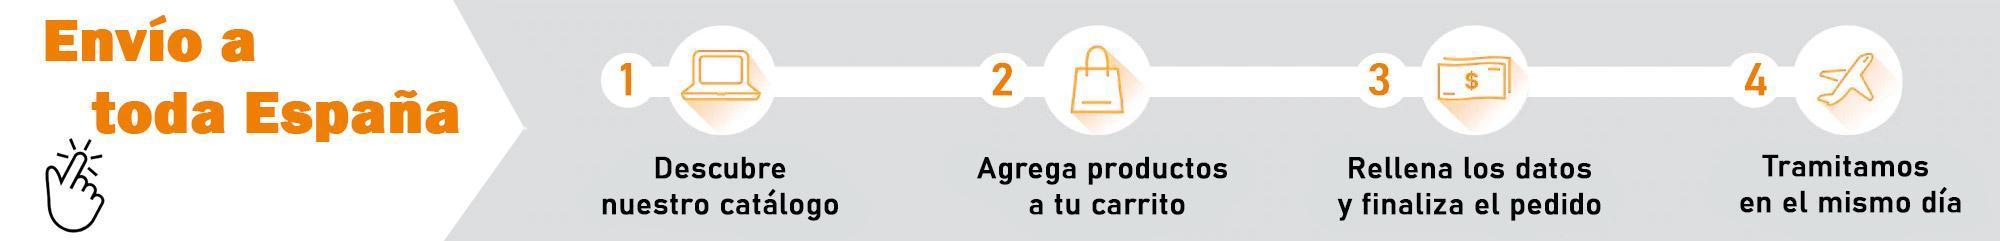 envio_a_toda_españa_2